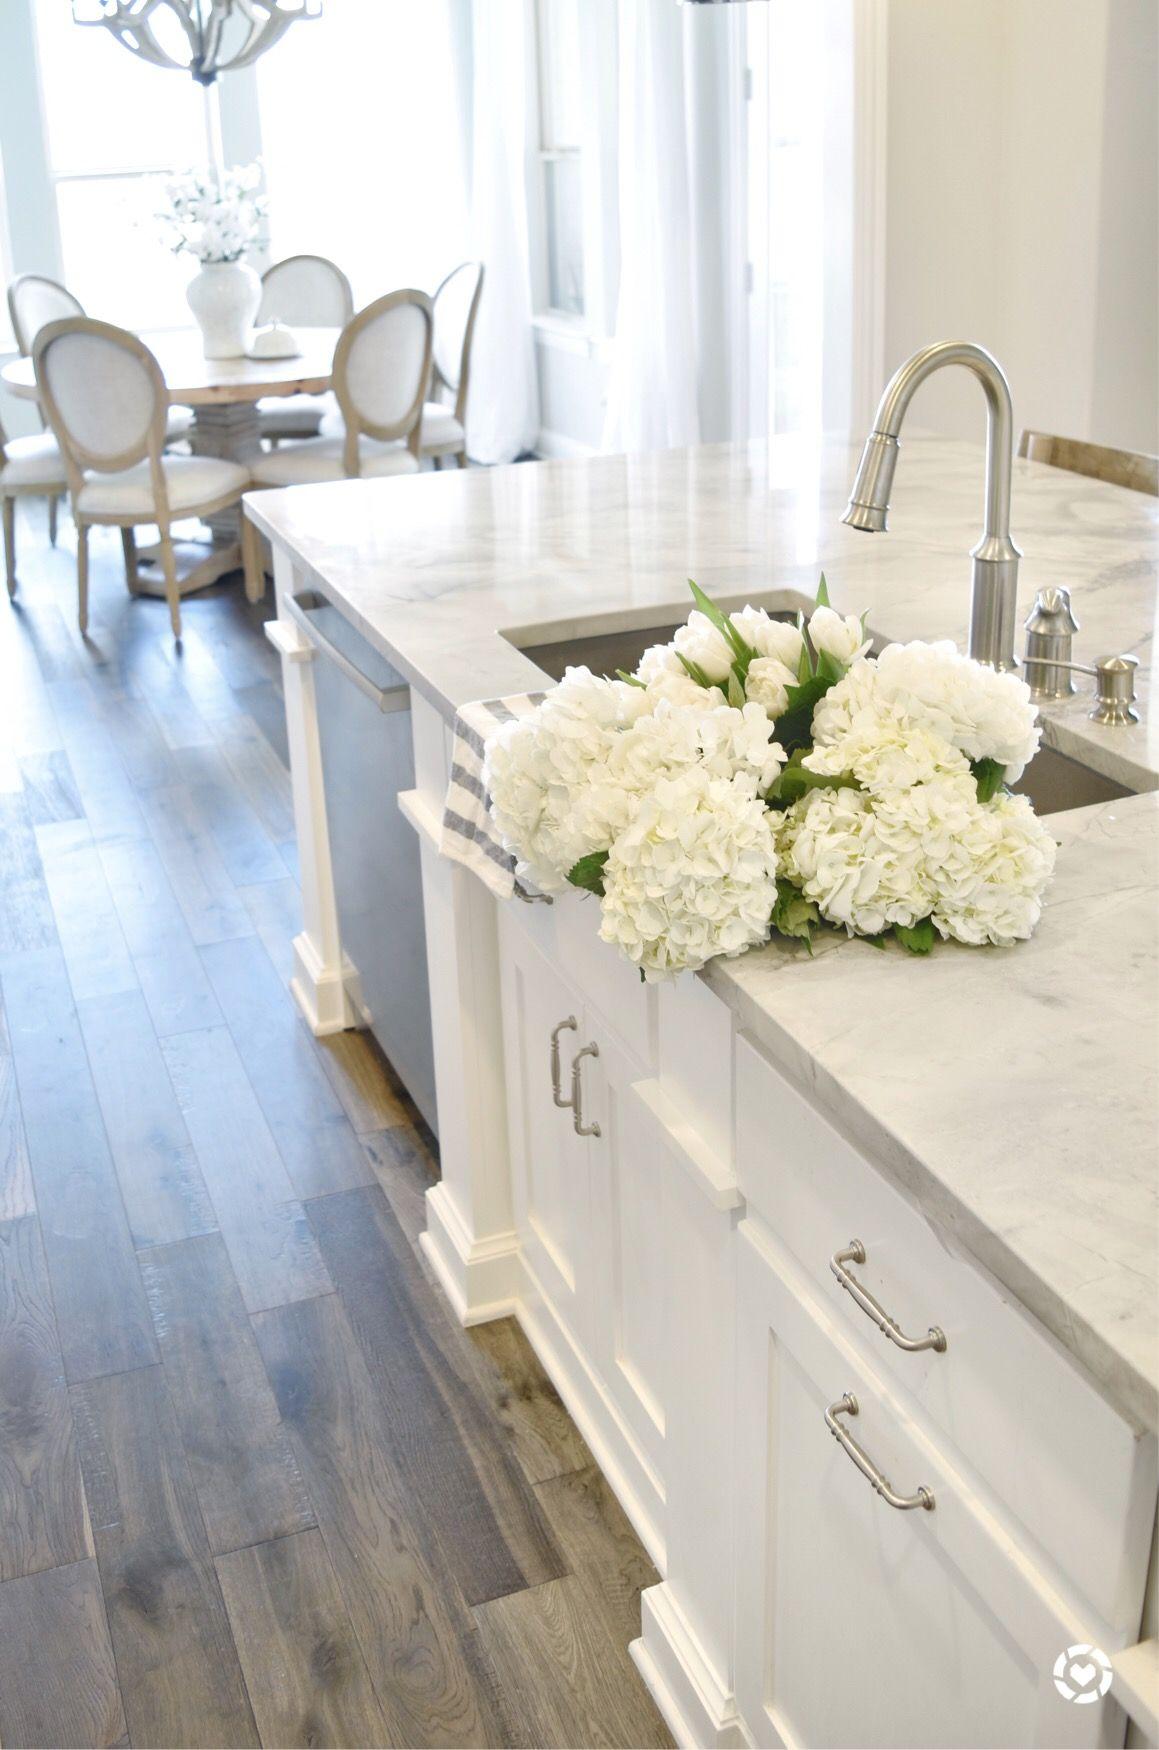 White kitchen all white clean kitchen white kitchen ideas blanco sink blanco canada blanco faucet